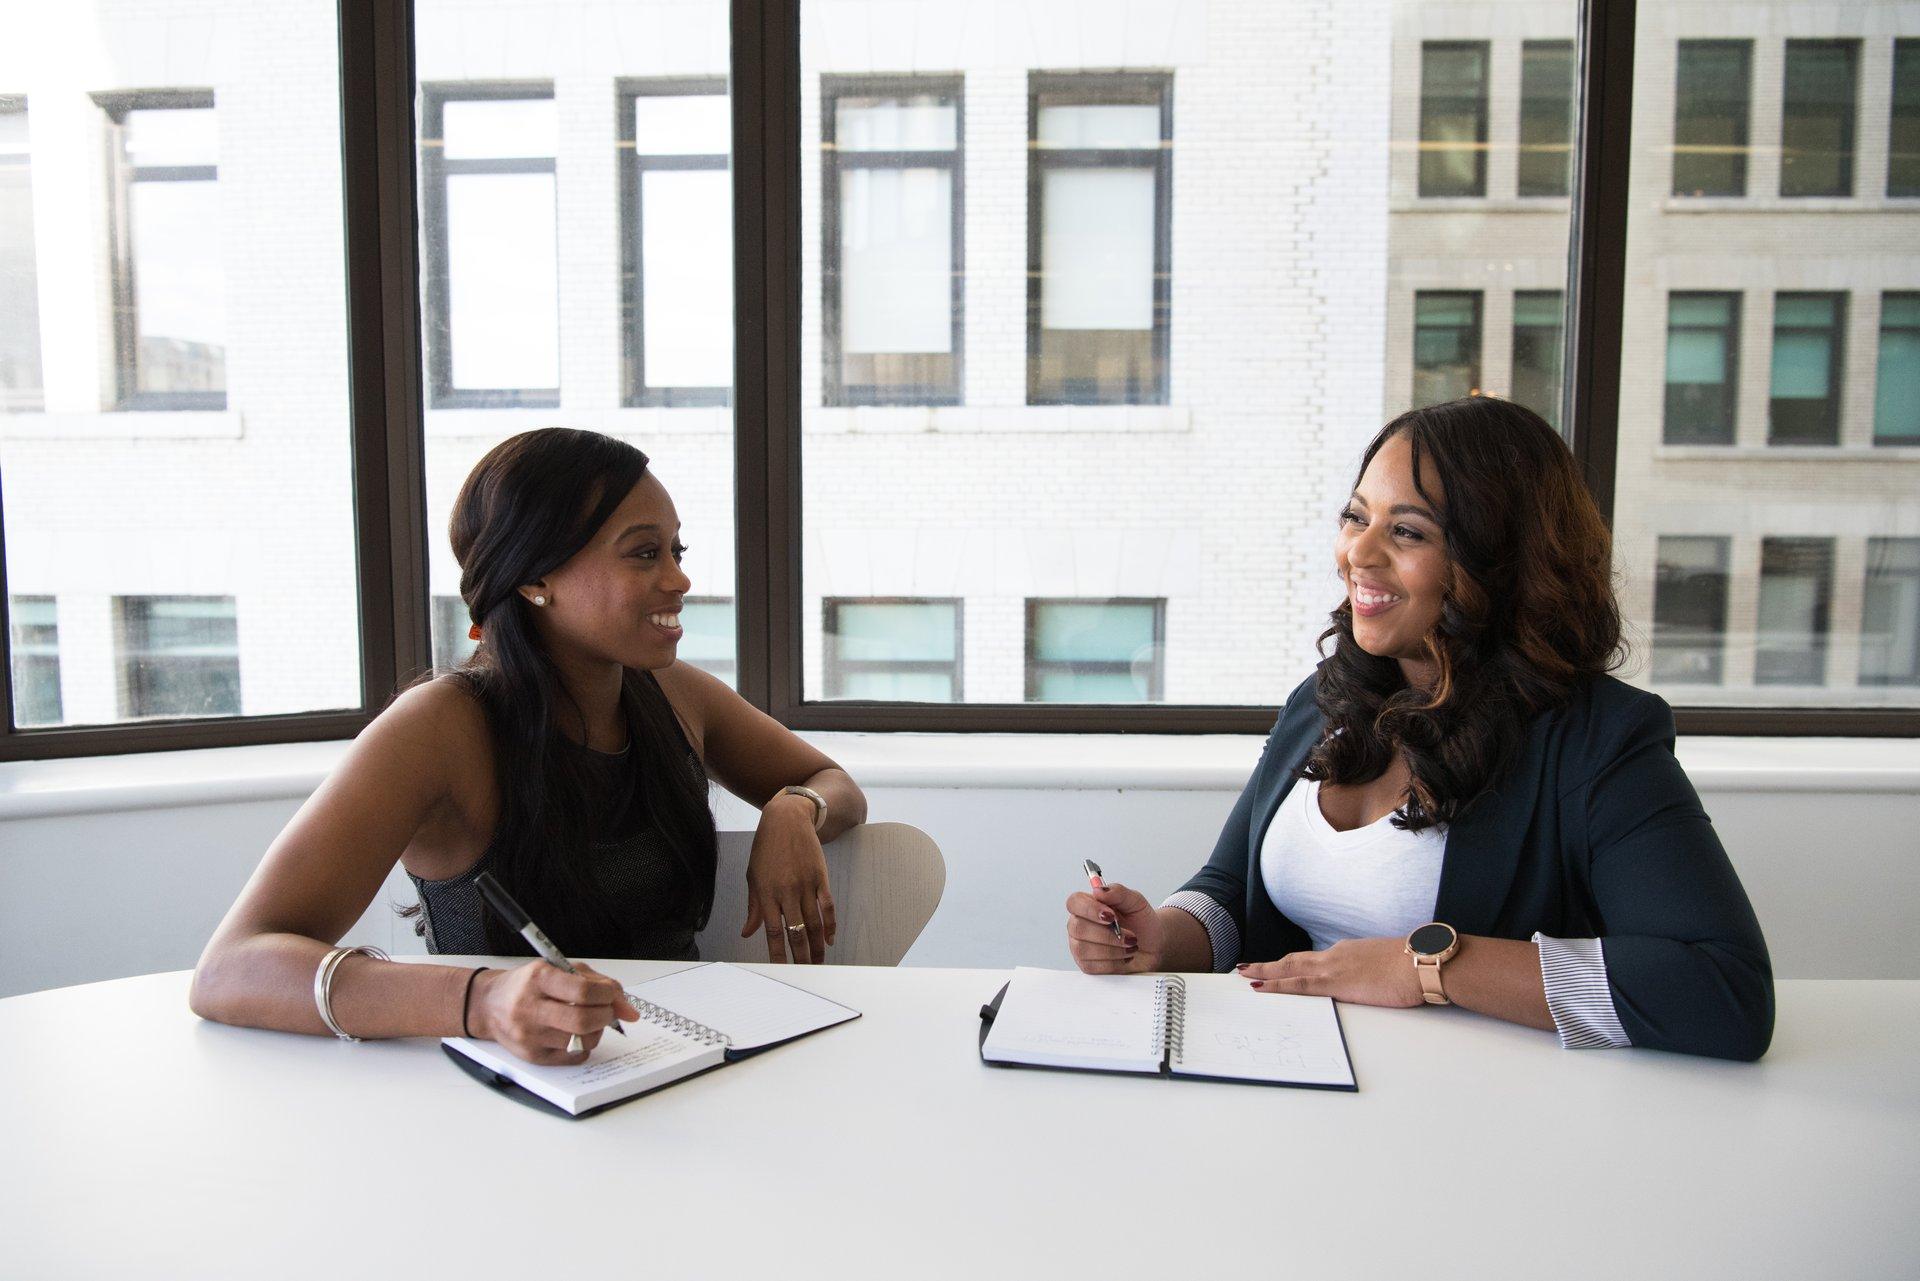 Dos mujeres realizando una entrevista de trabajo.